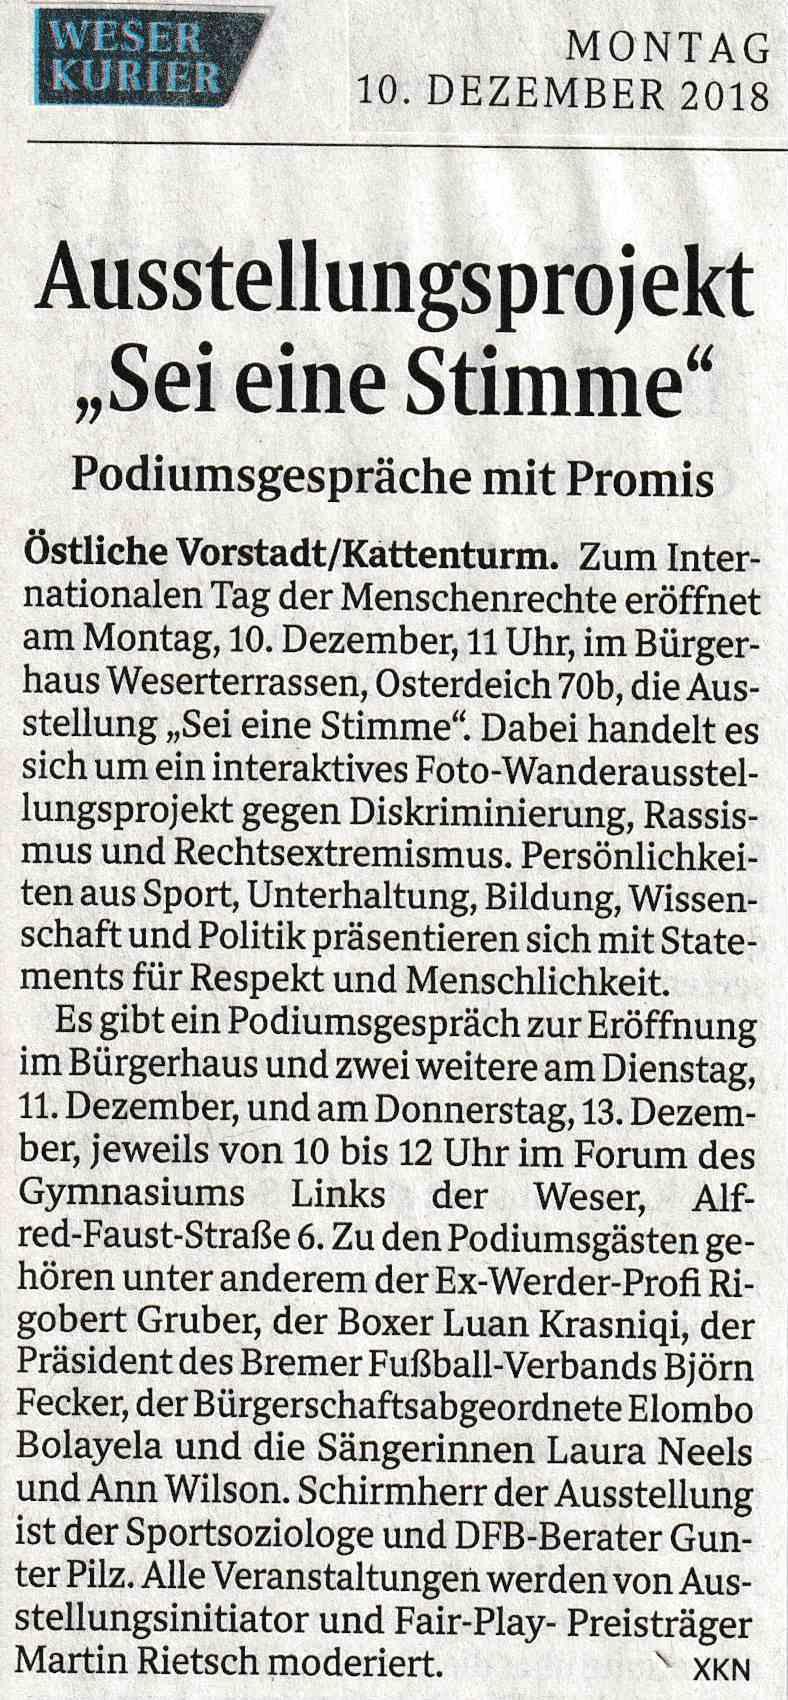 Weser Kurier 10.12.2018